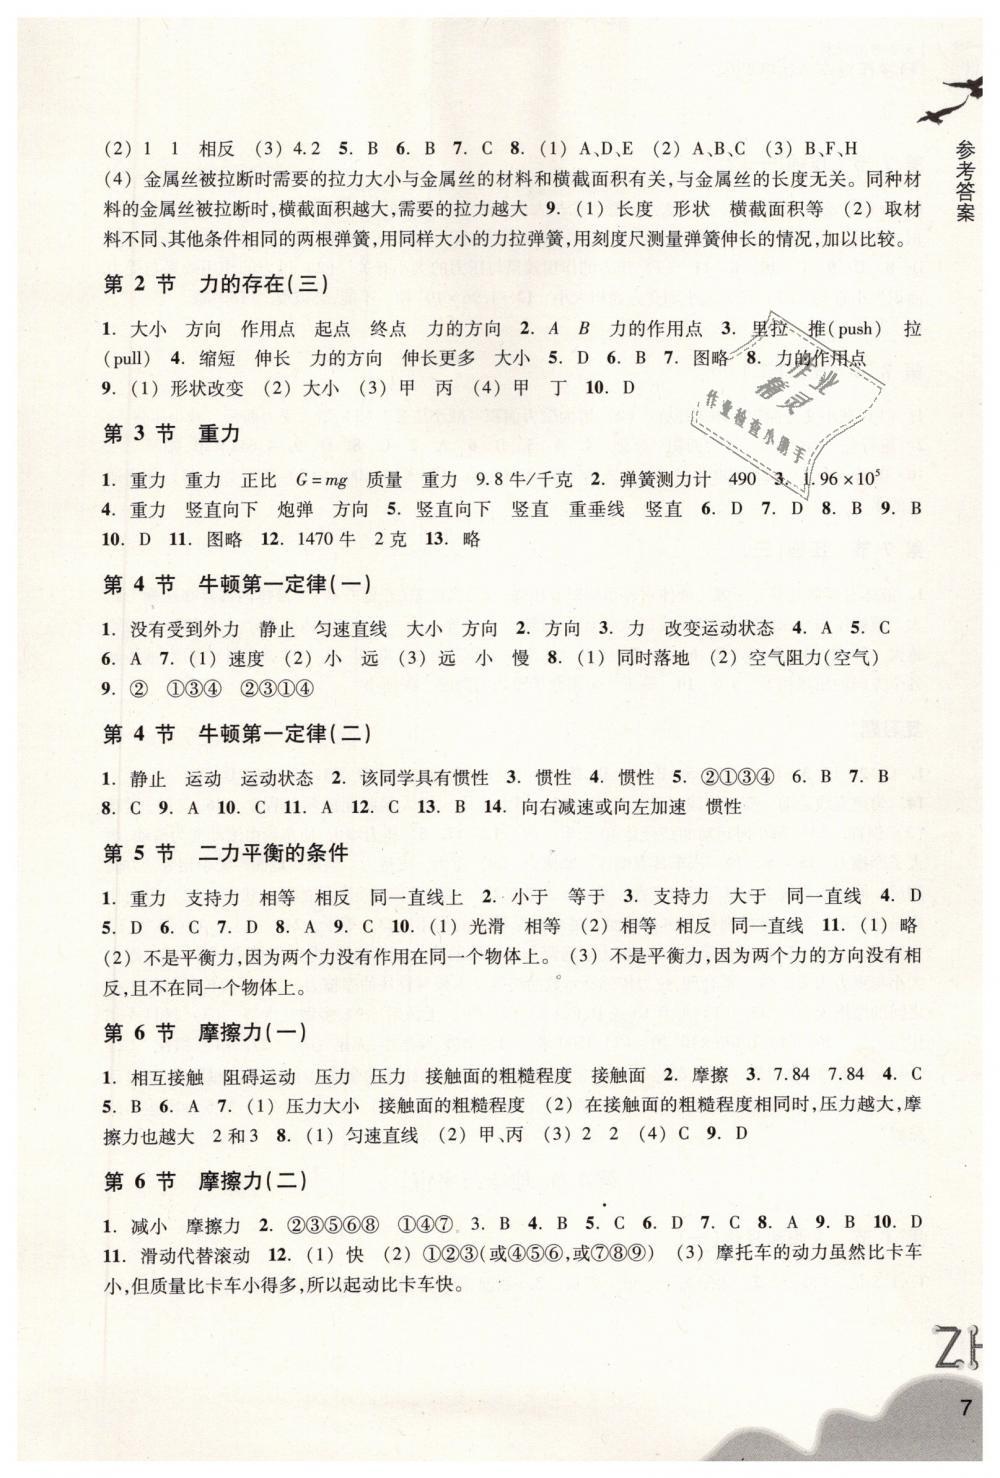 2019年作业本七年级科学下册浙教版浙江教育出版社第7页